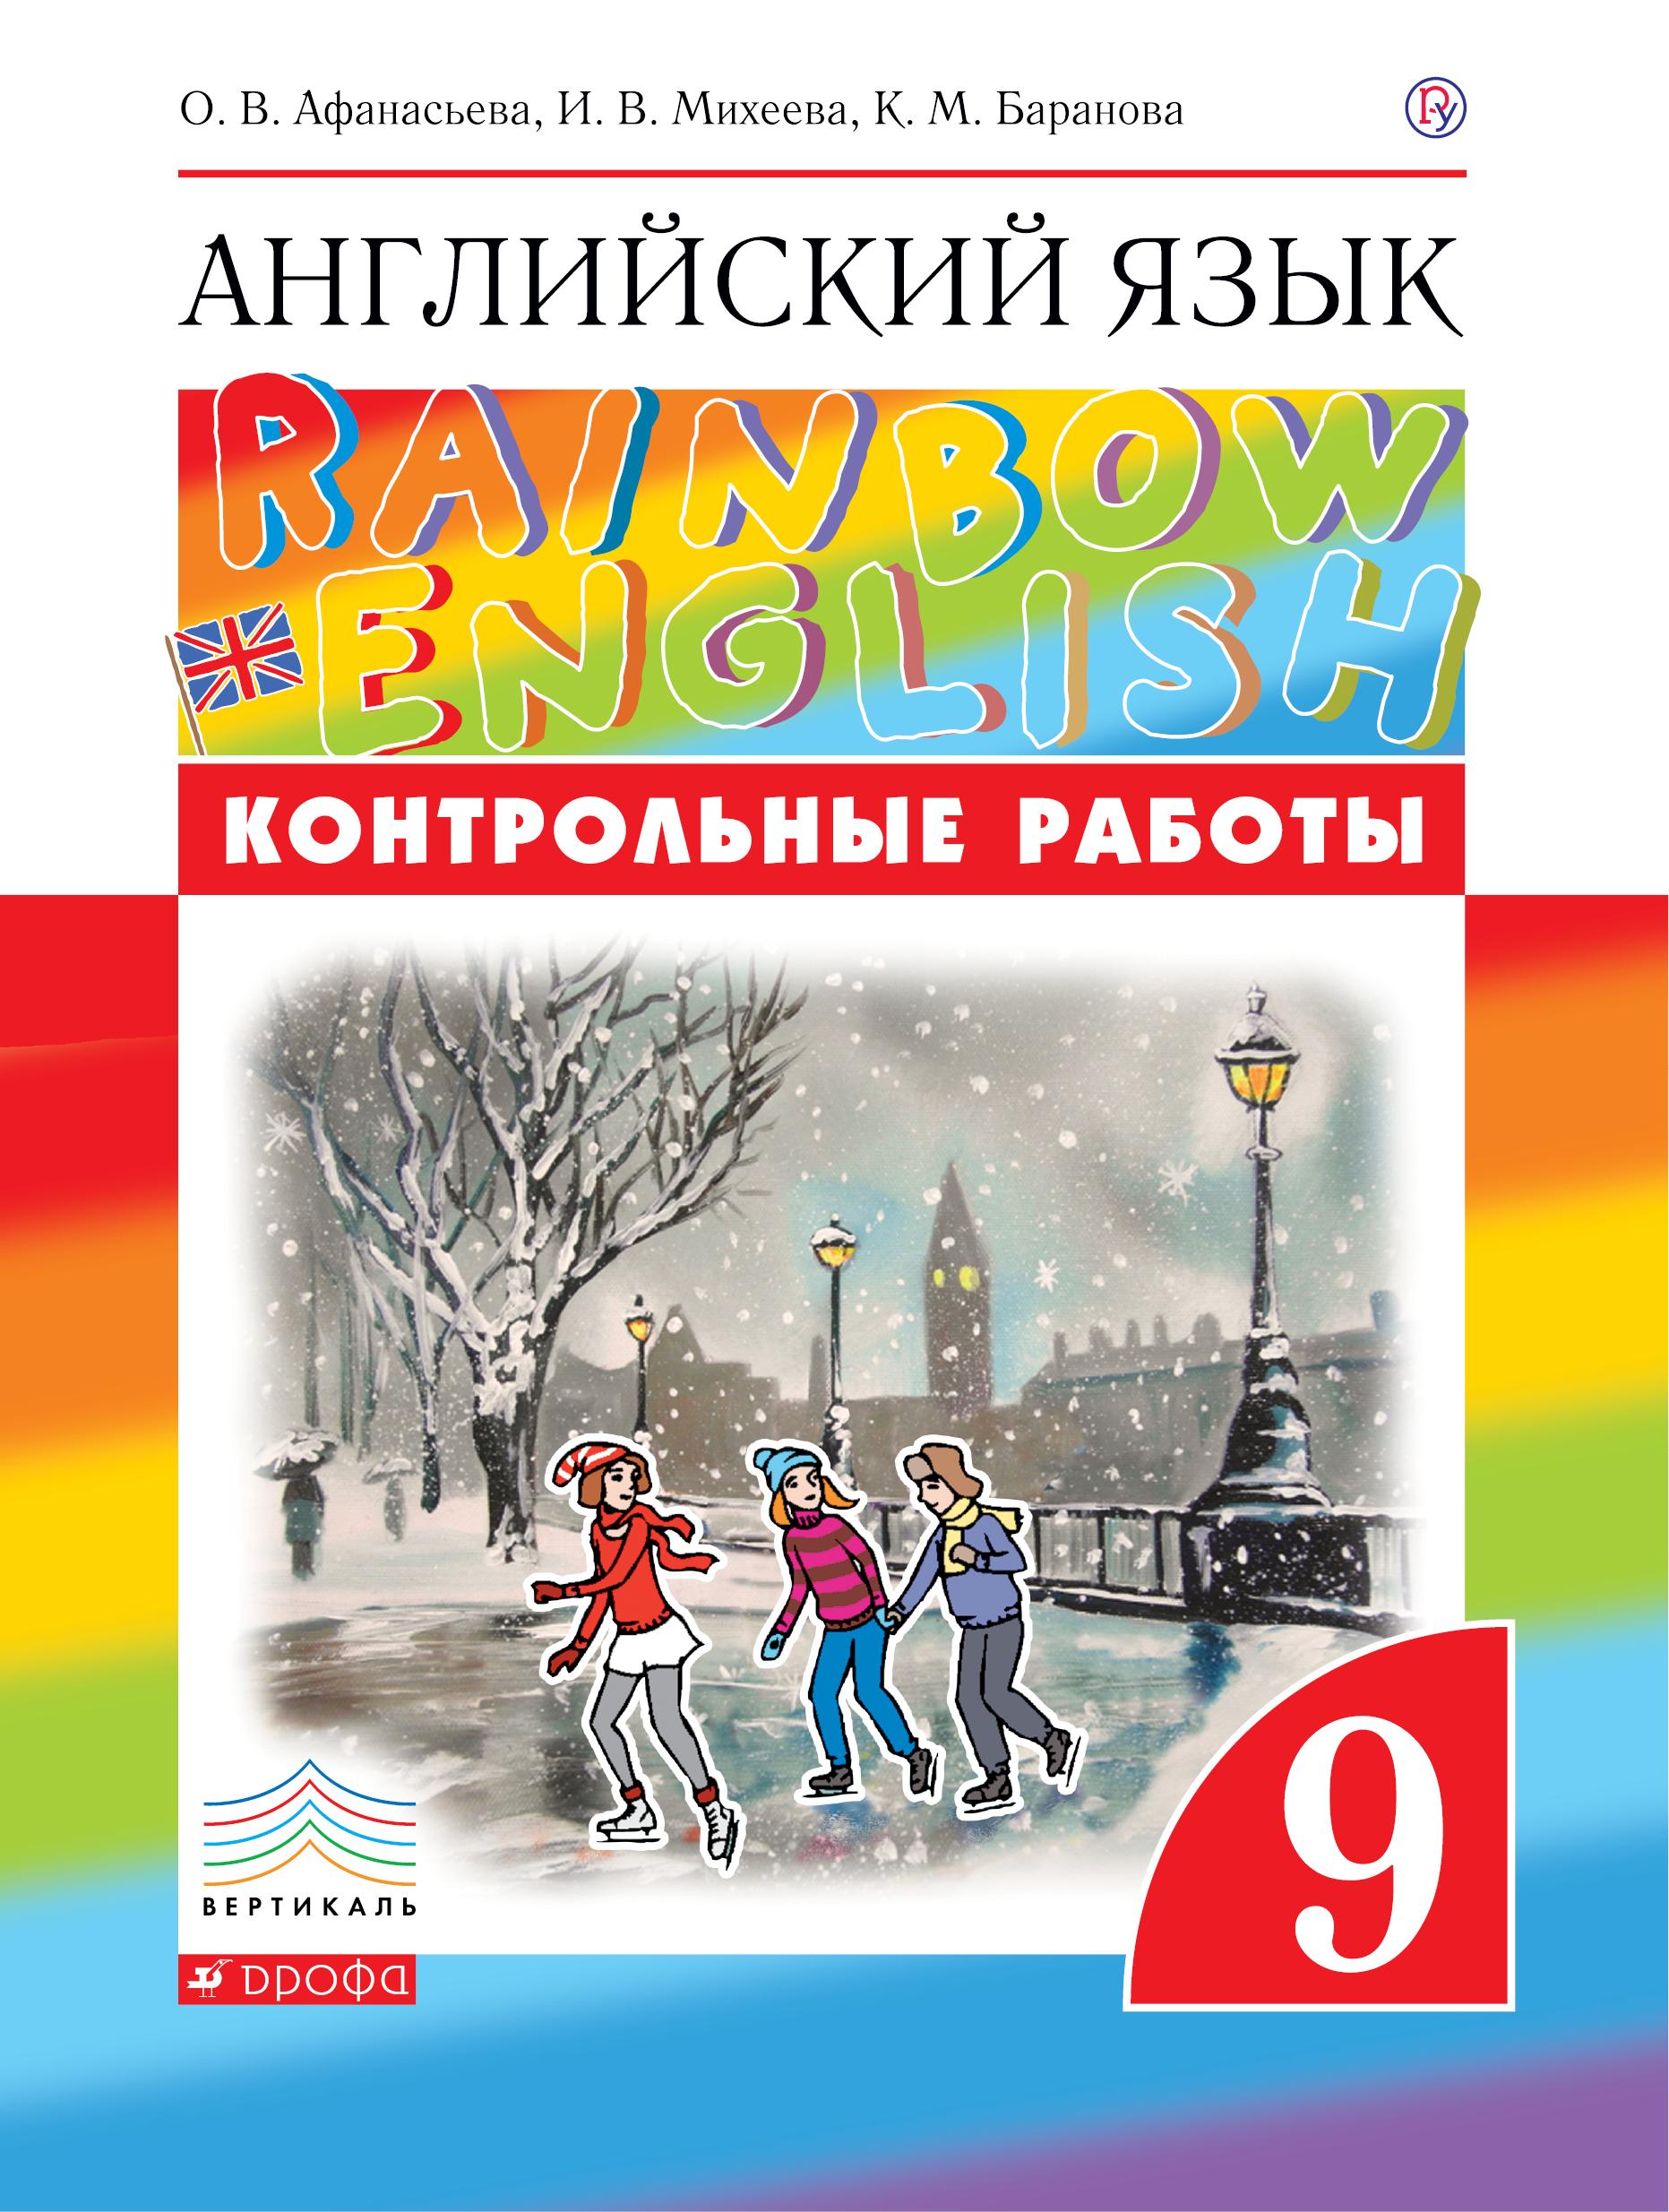 О. В. Афанасьева, И. В. Михеева, К. М. Баранова Английский язык. 9 класс. Контрольные работы